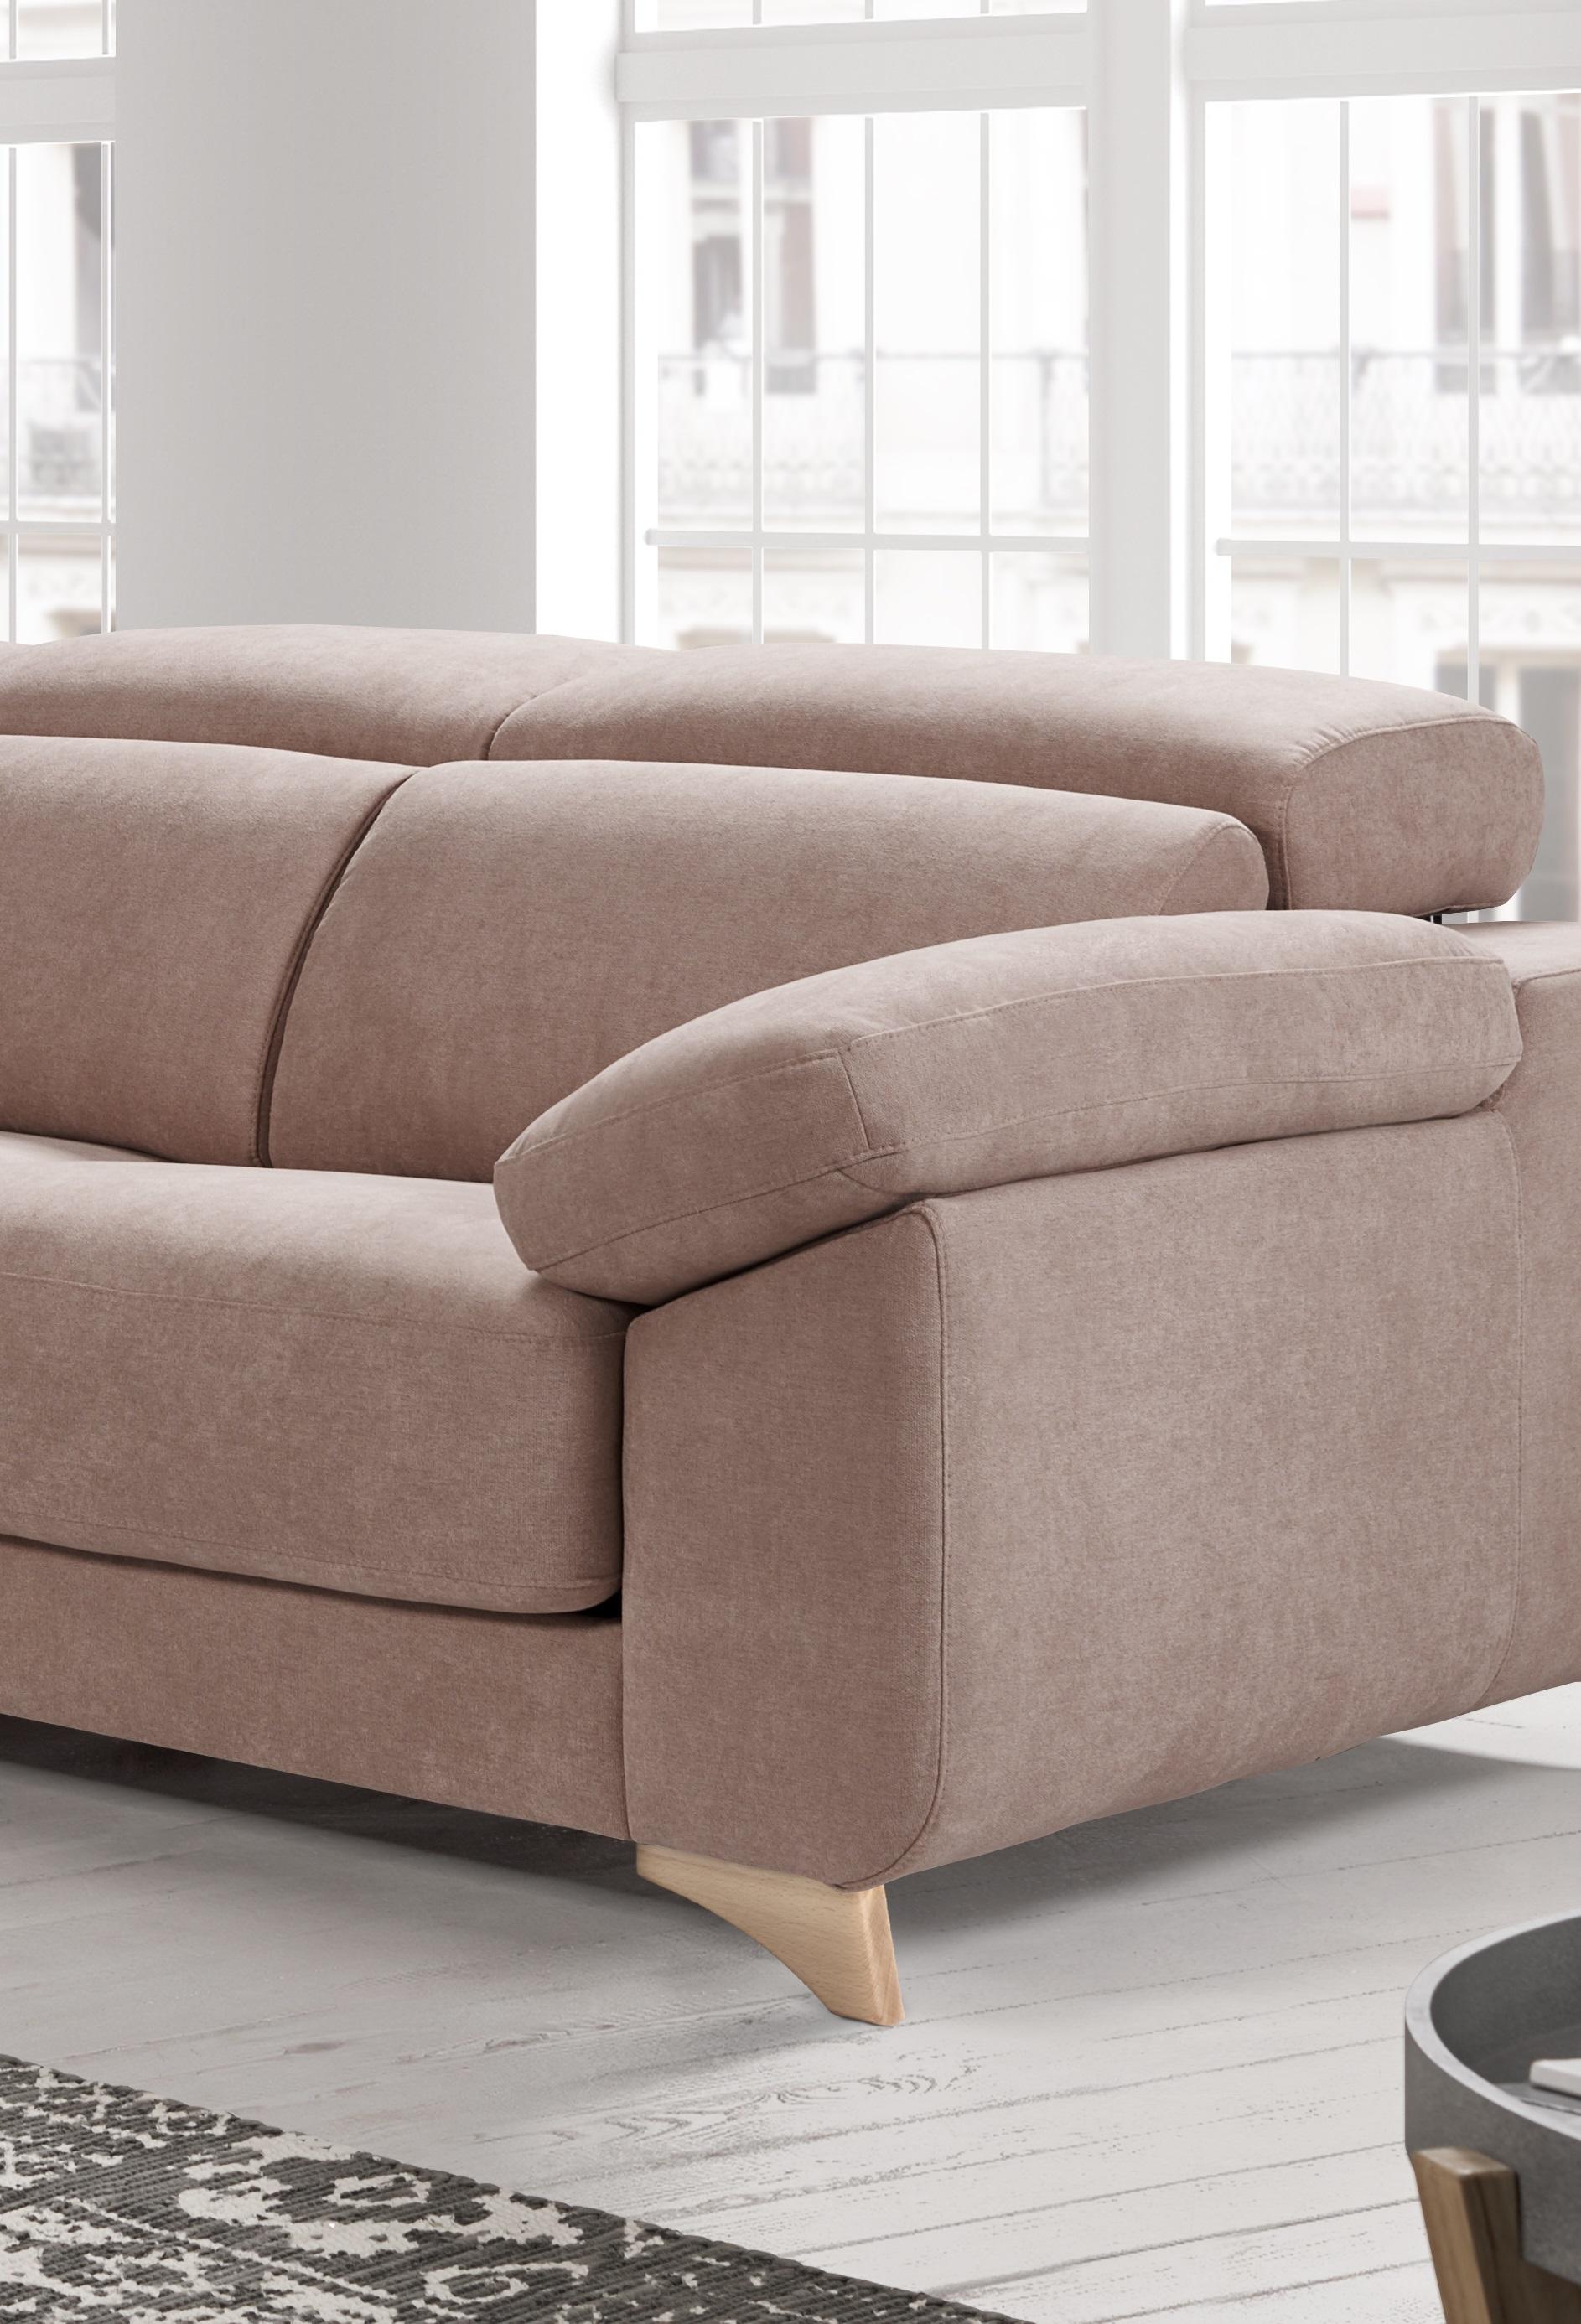 Descuento especial 20 nueva colecci n sof s muebles - Fabricantes sofas yecla ...